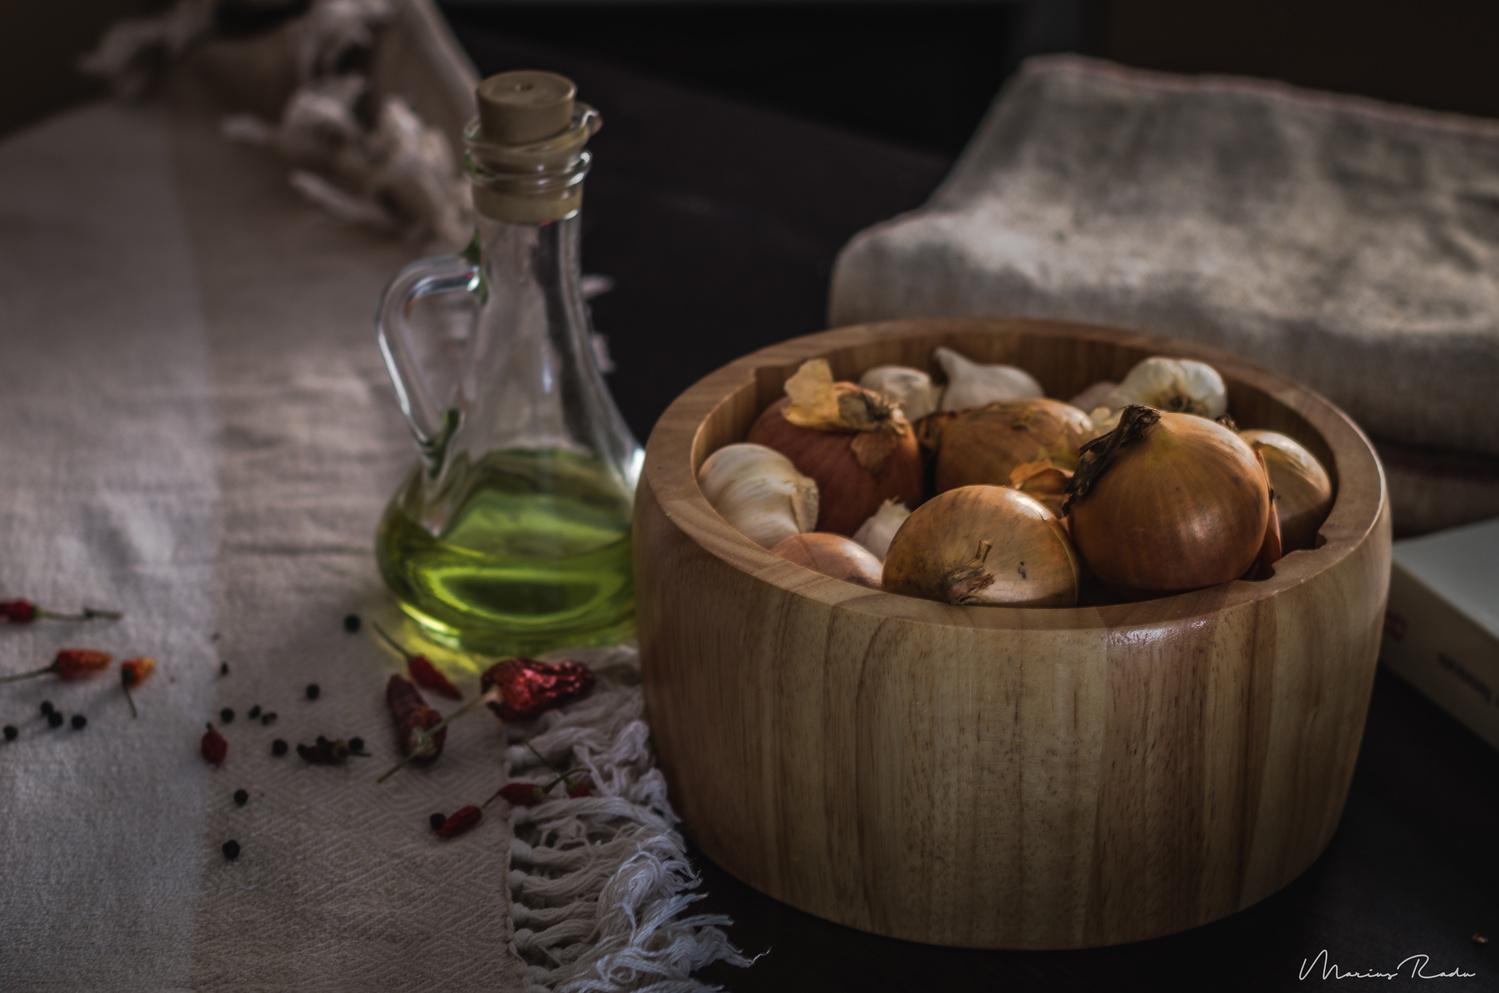 Preparing ingredients by Marius Radu